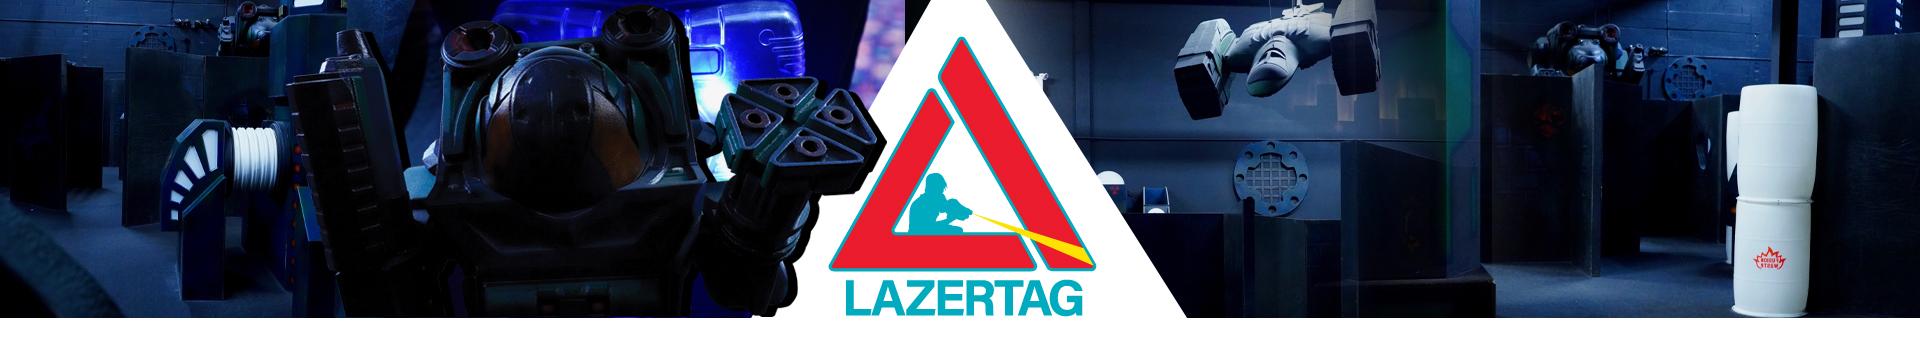 activekidz lazer tag